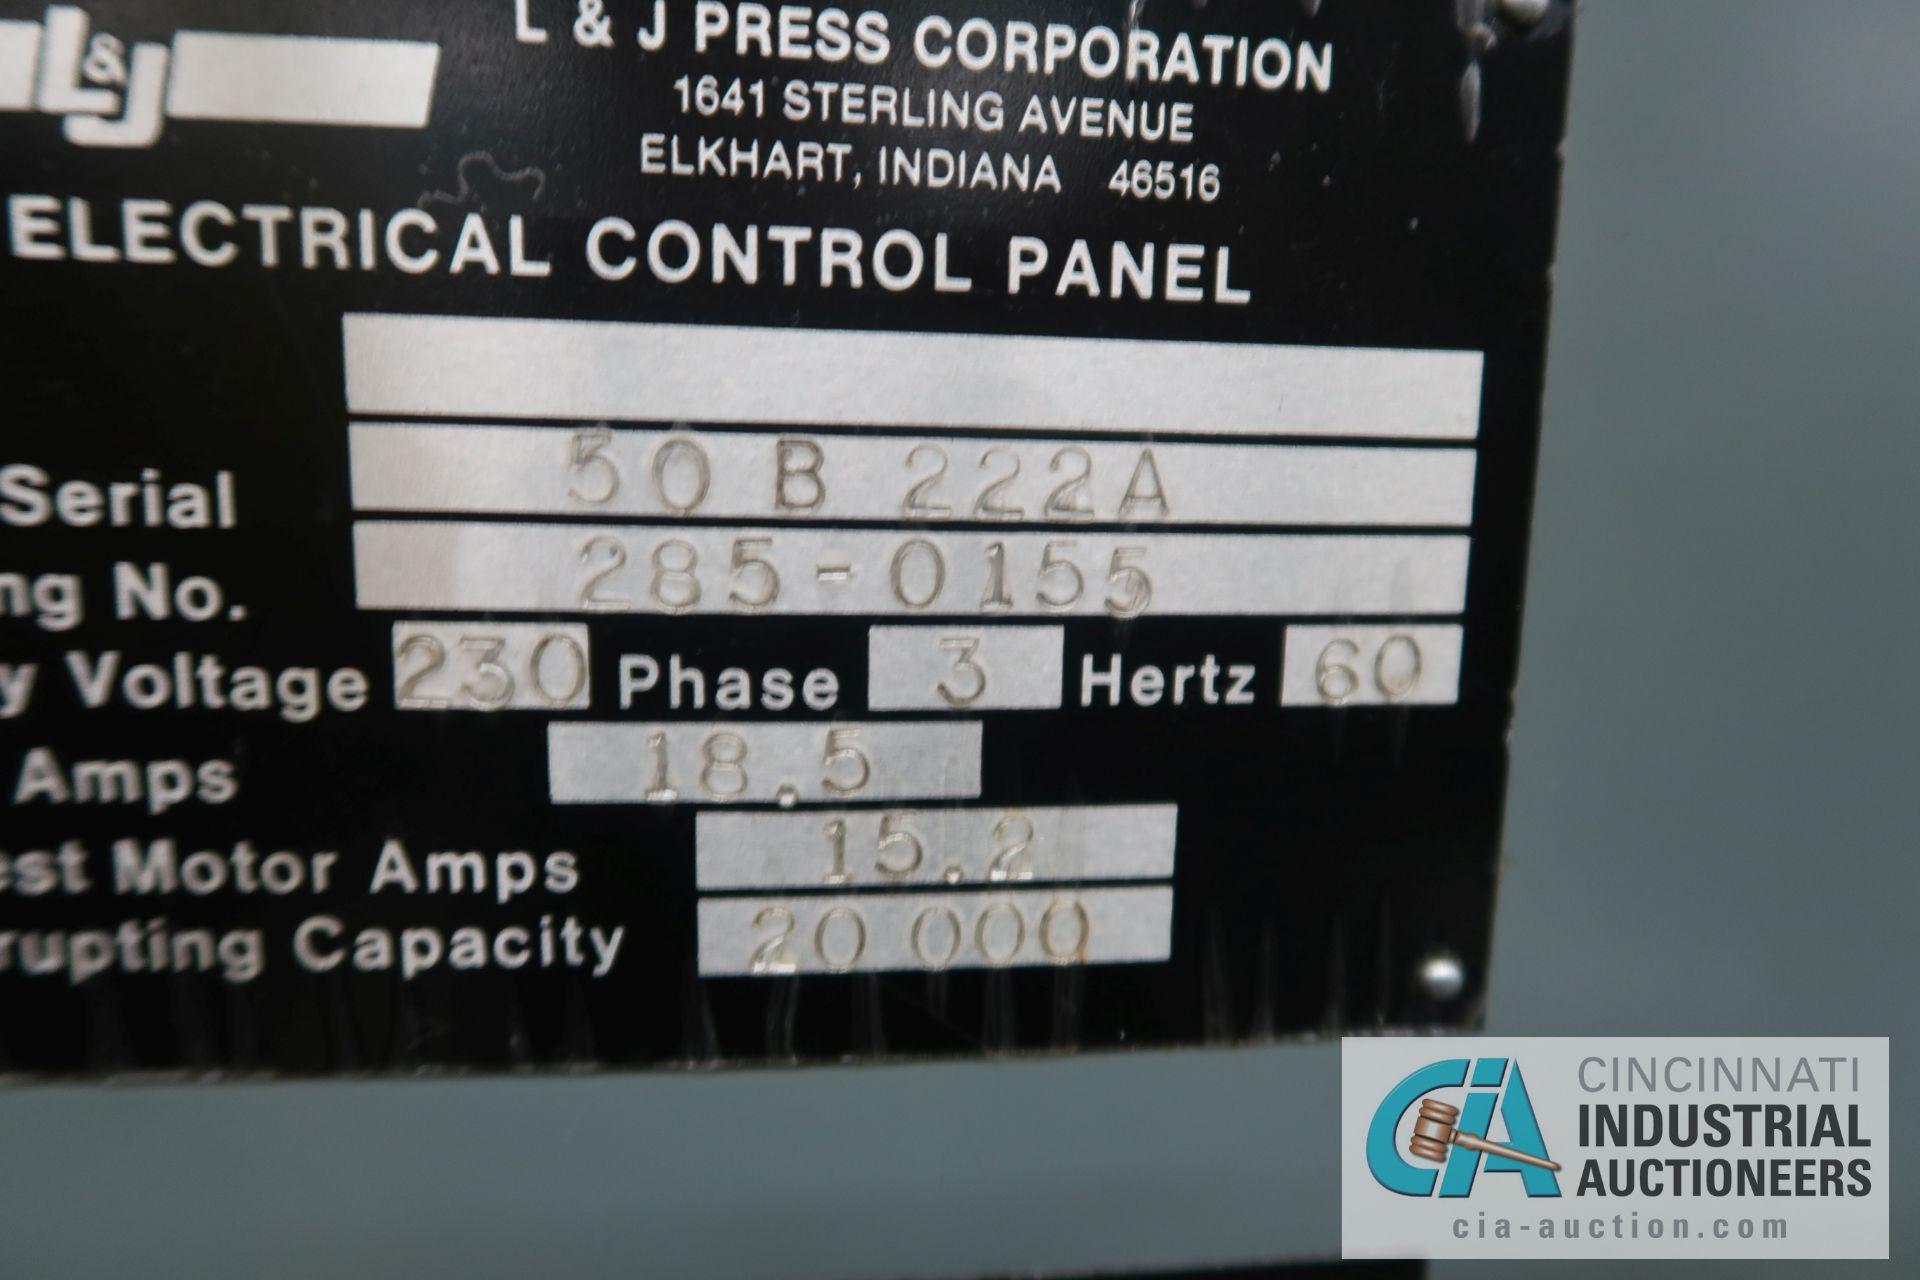 """60 TON L&J MODEL W-60 BACK GEARED OBI PRESS; S/N 50B222-A, 5"""" STROKE, 3"""" ADJUST, 12"""" SHUT HEIGHT - Image 12 of 13"""